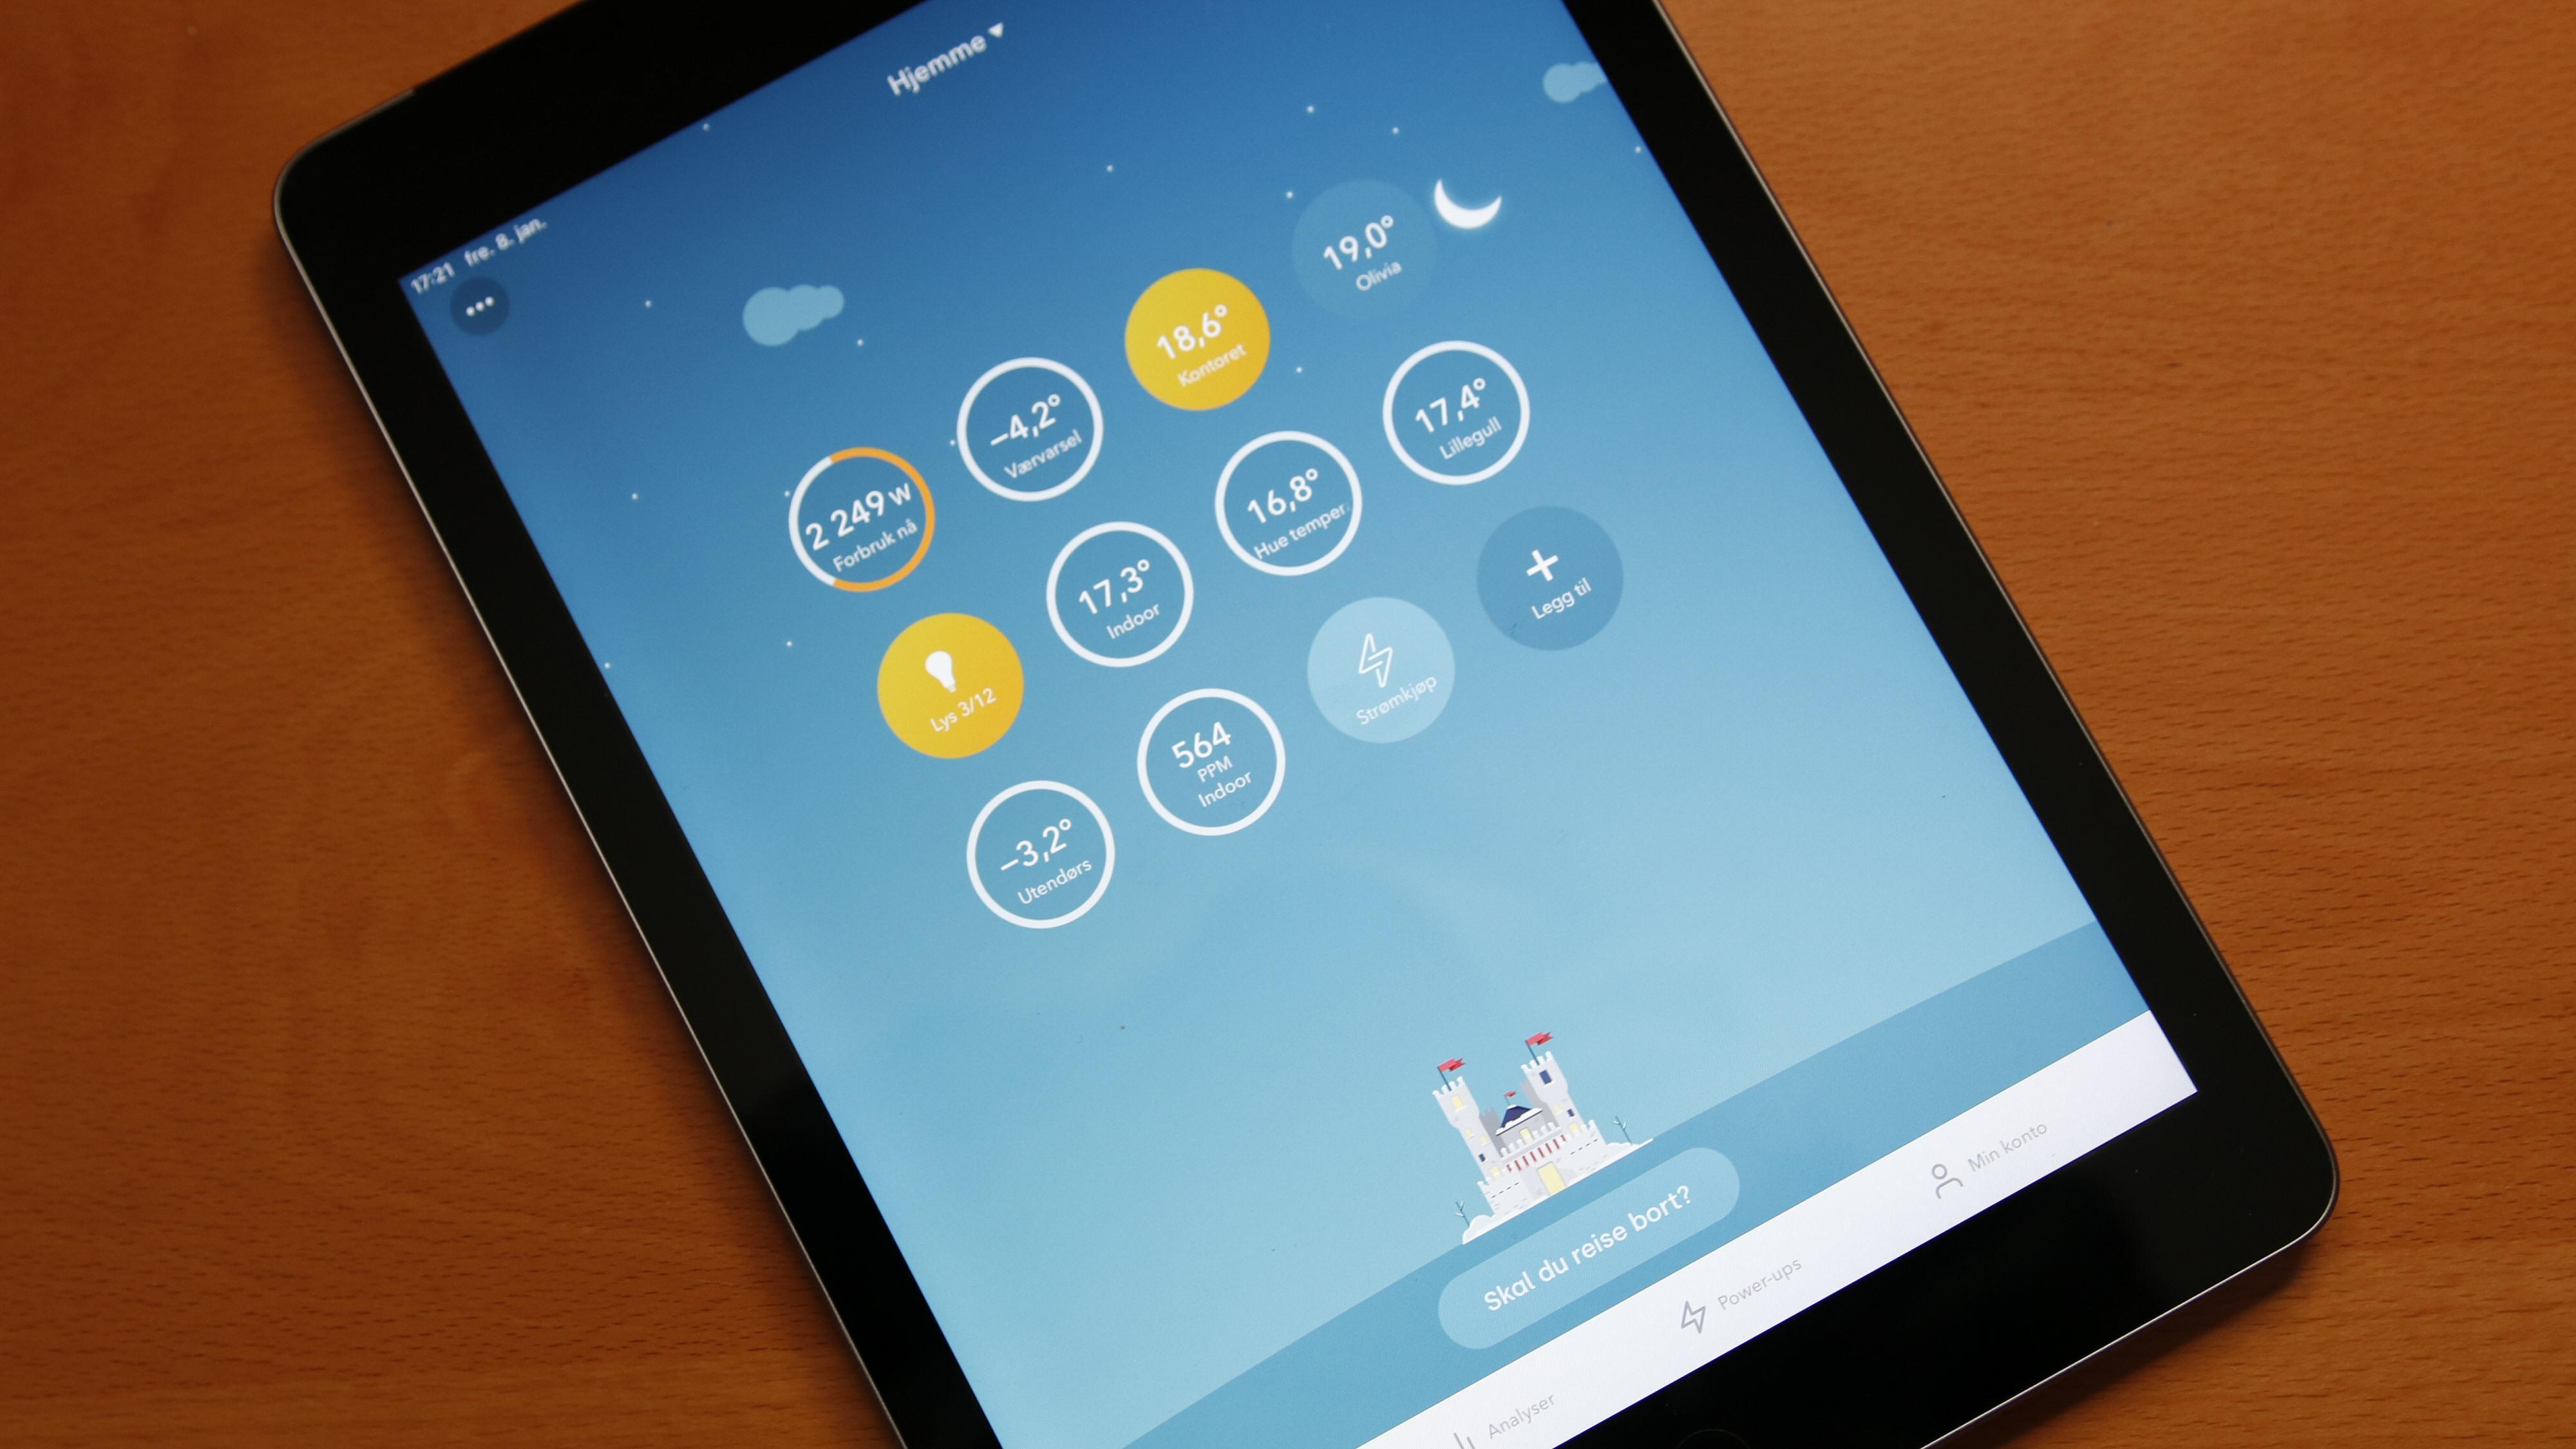 Gjennom Tibber-appen kan vi få tilgang på flere av våre smarte dingser og sensorer, som vi da kan ha snarveier til på «hjem»-skjermen. Men løsningen har noen mangler, som at vi ikke selv kan navngi sensorene. «Hue temperature sensor 1» er ikke like spenstig som «gangen».